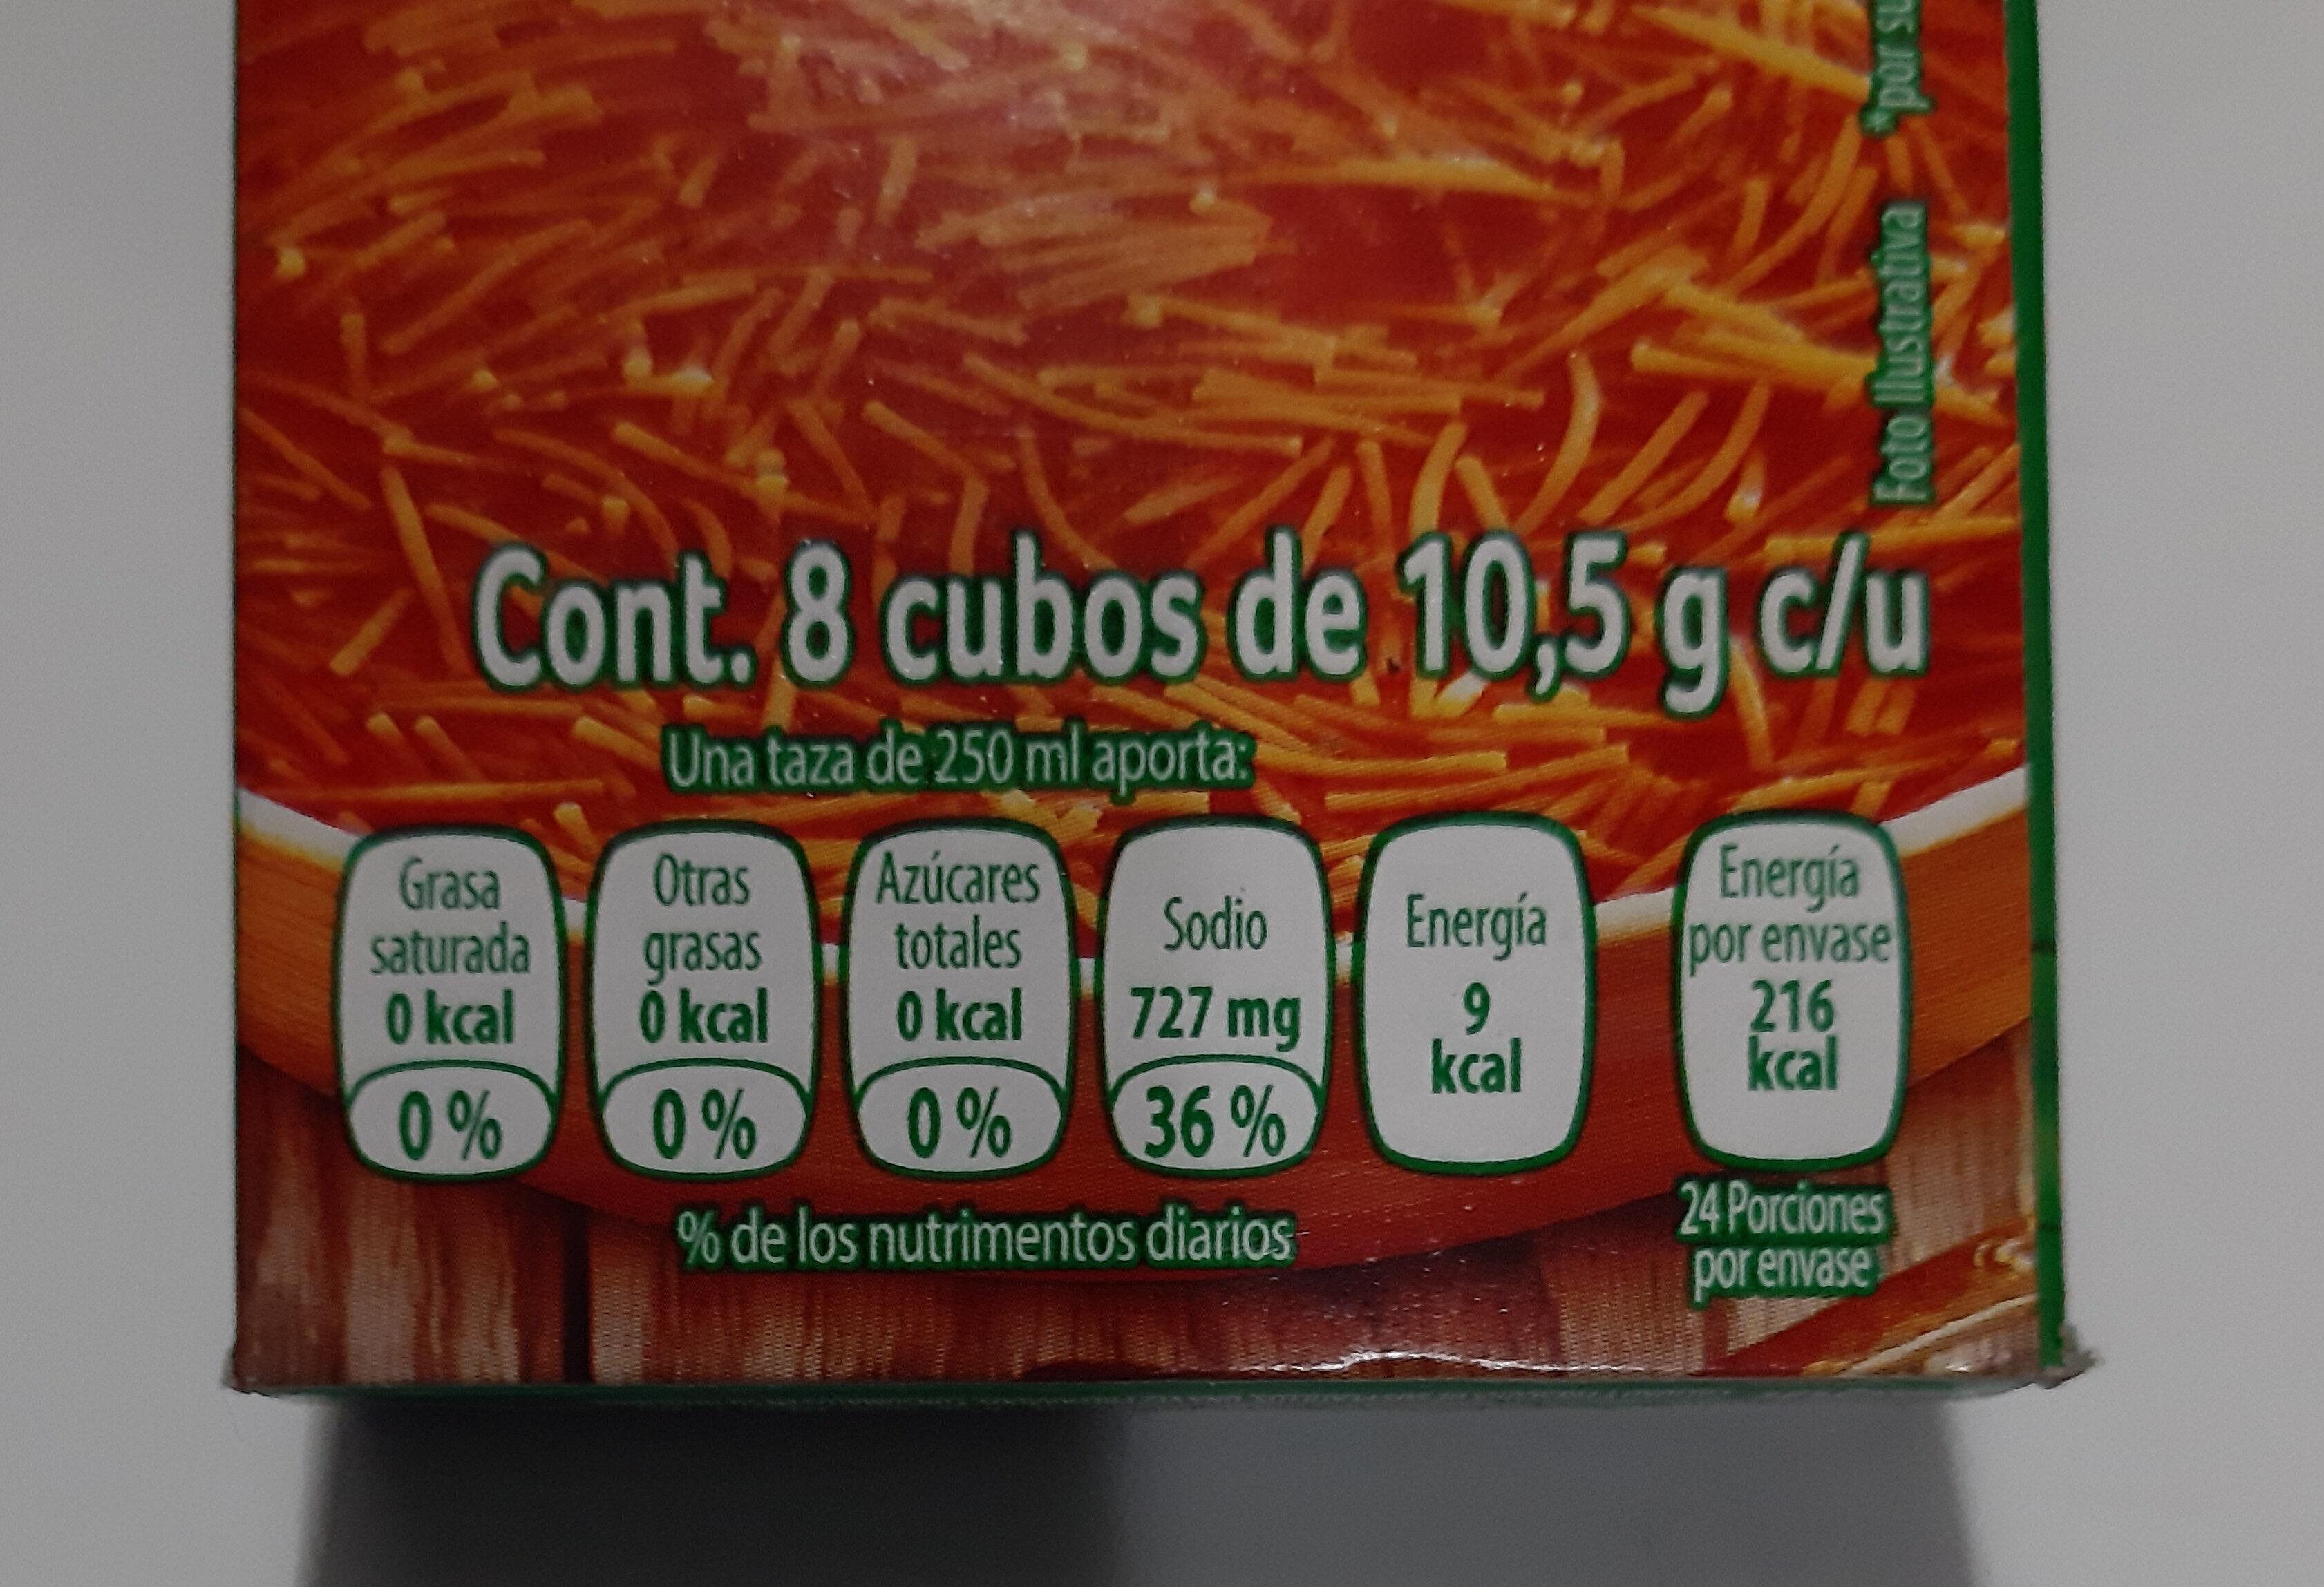 sazonador de tomate knorr - Información nutricional - es